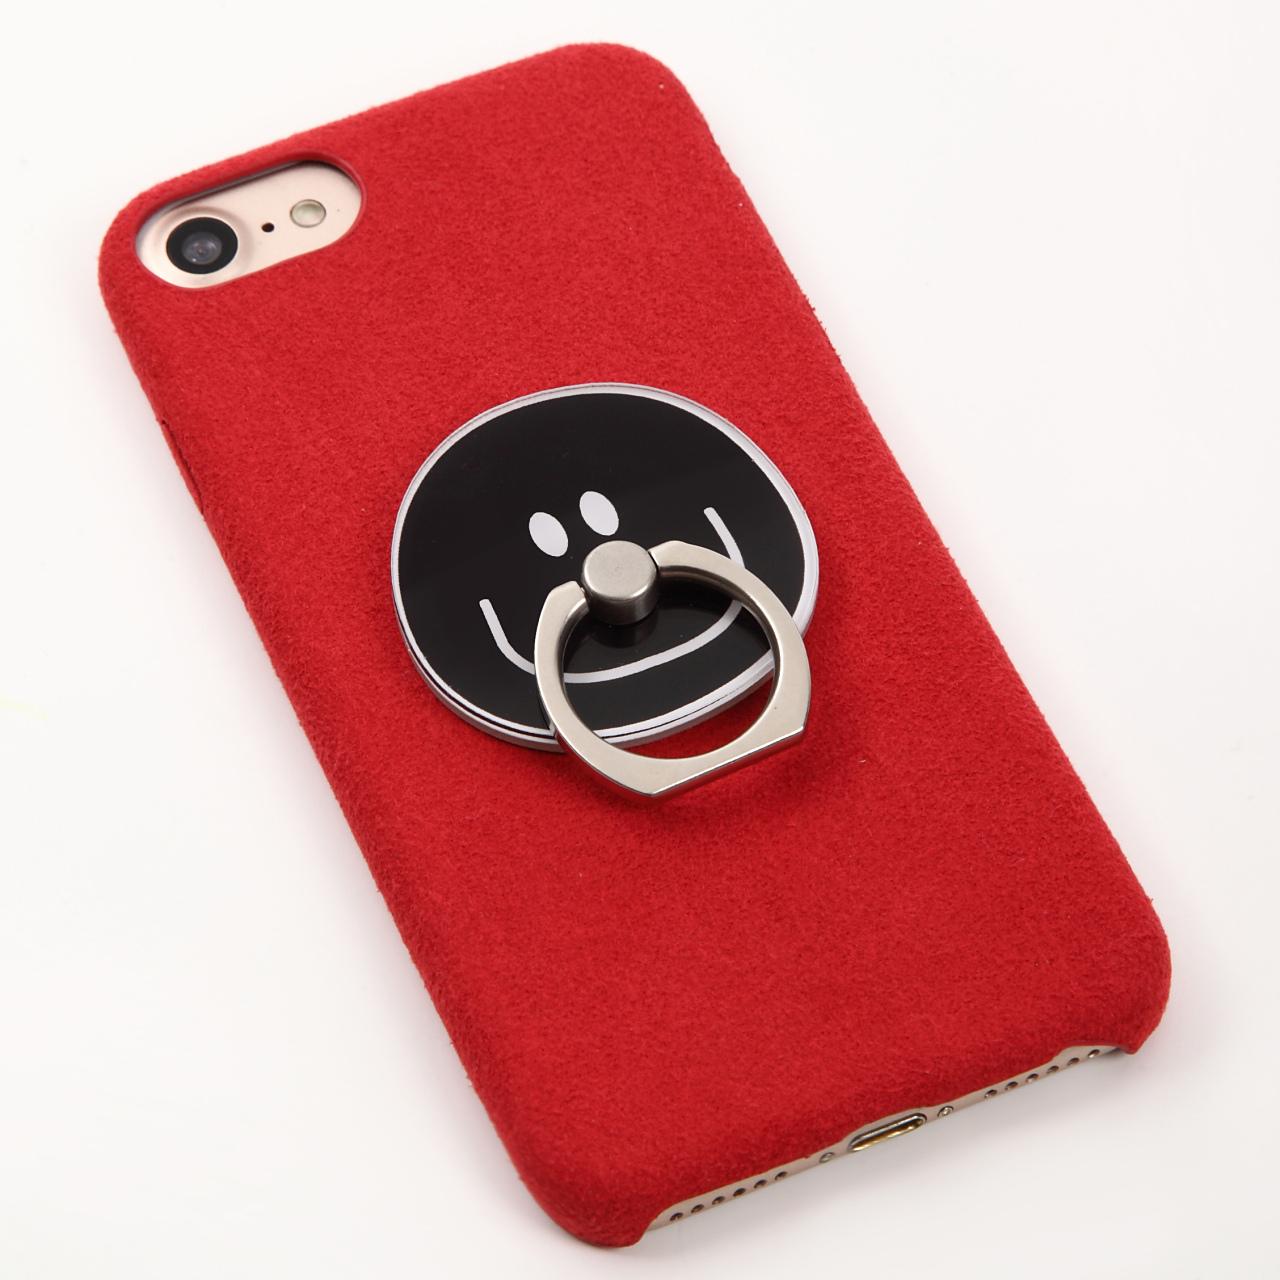 【即納★送料無料】レッドのソフトケース かわいいスマイル バンカーリング付 iPhoneケース